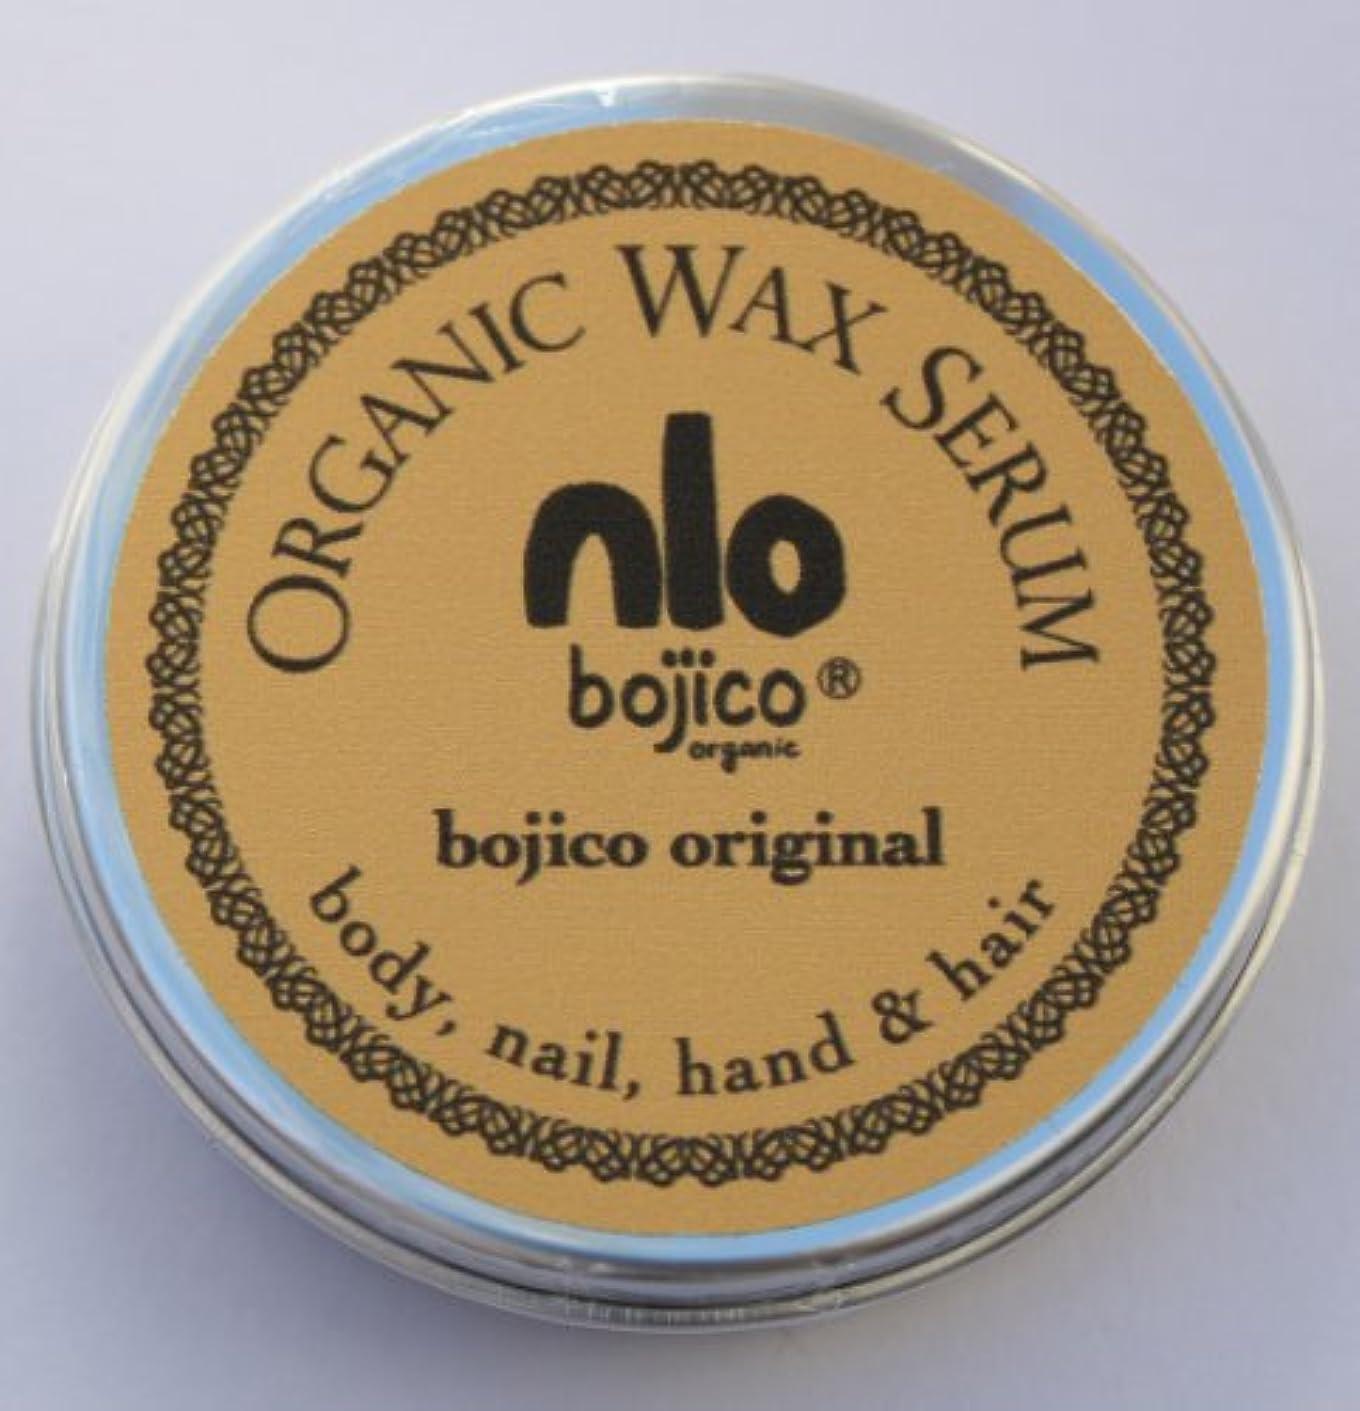 禁止する優雅時bojico オーガニック ワックス セラム<オリジナル> Organic Wax Serum 40g